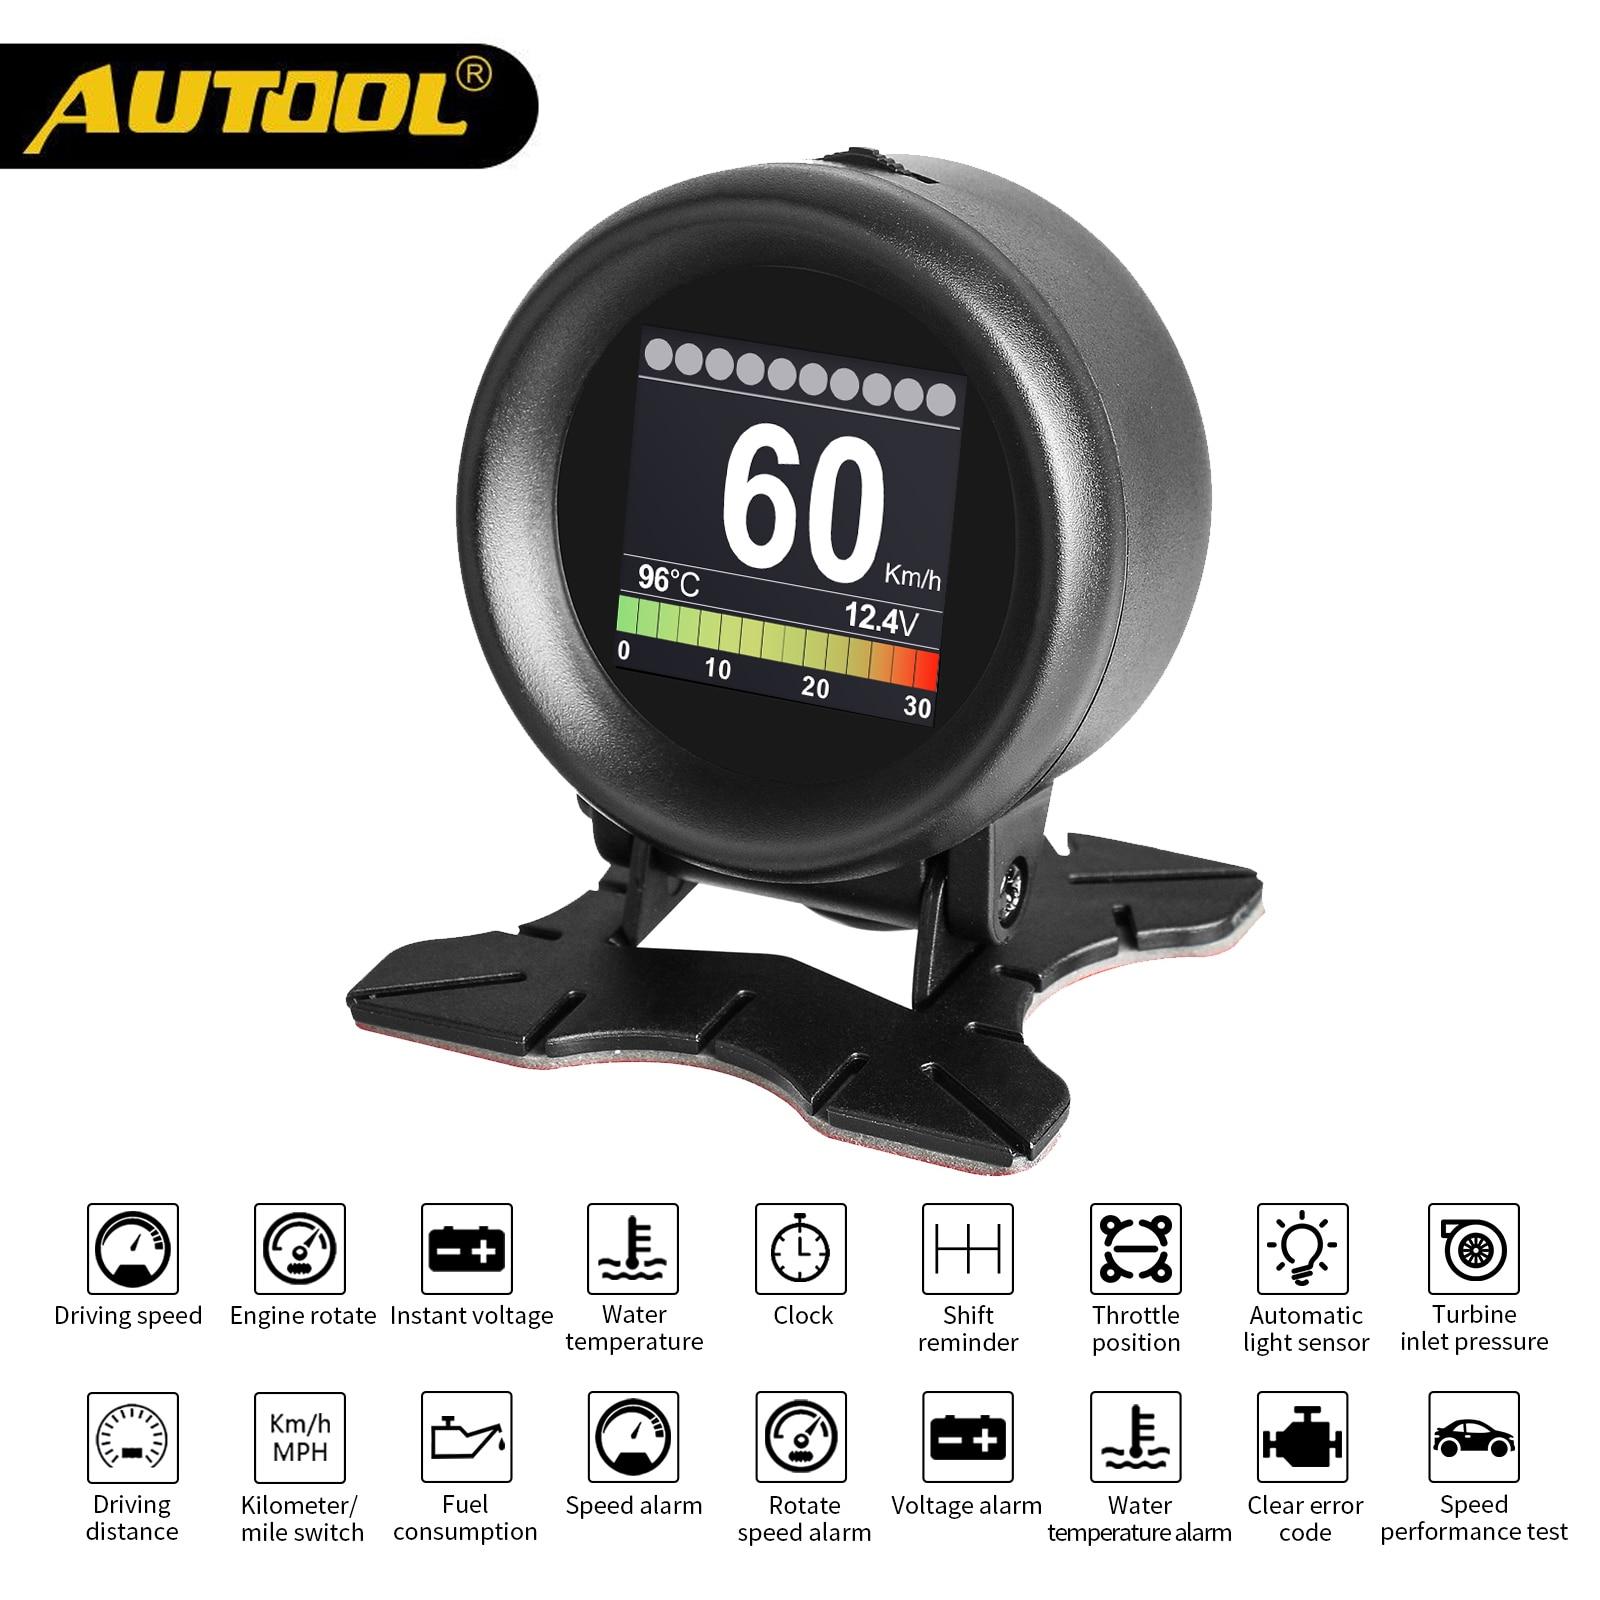 AUTOOL X60 OBD METER OBD 2 HUD Digital Temperature Gauge Digital Voltage Speed Meter Display Meter Alarm Water